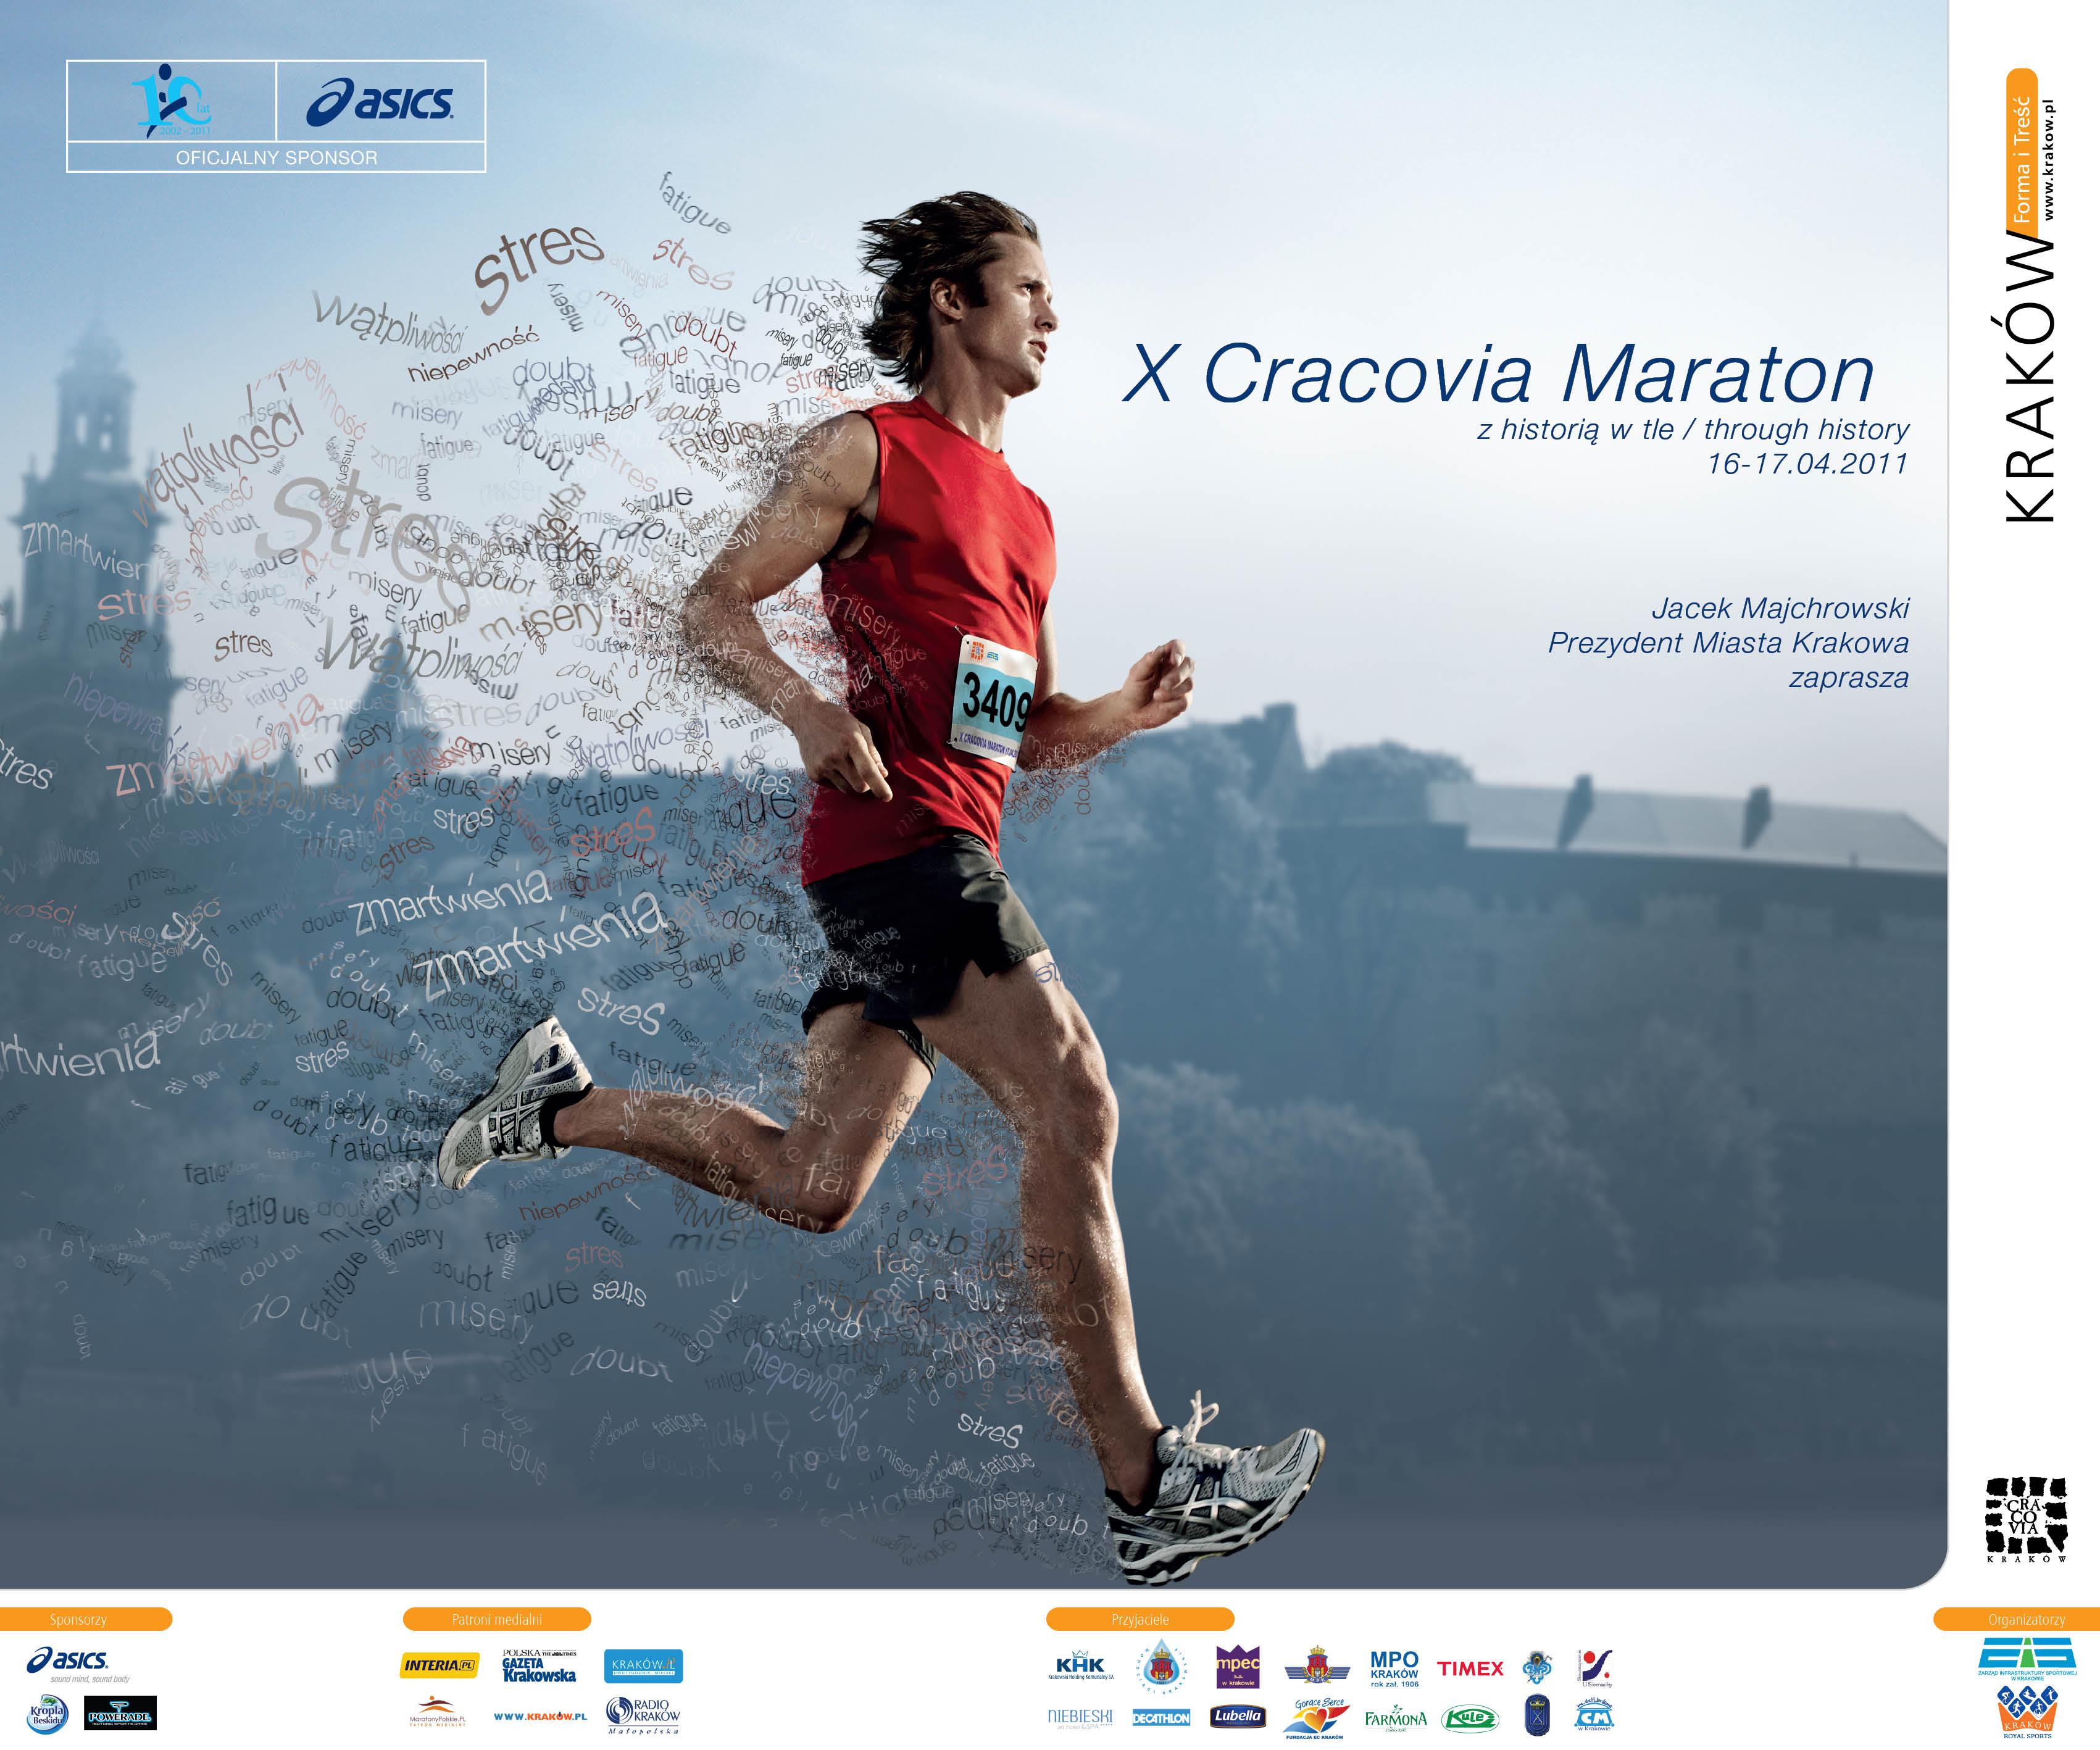 Ponad 4 tysiące zgłoszeń do X Cracovia Maraton